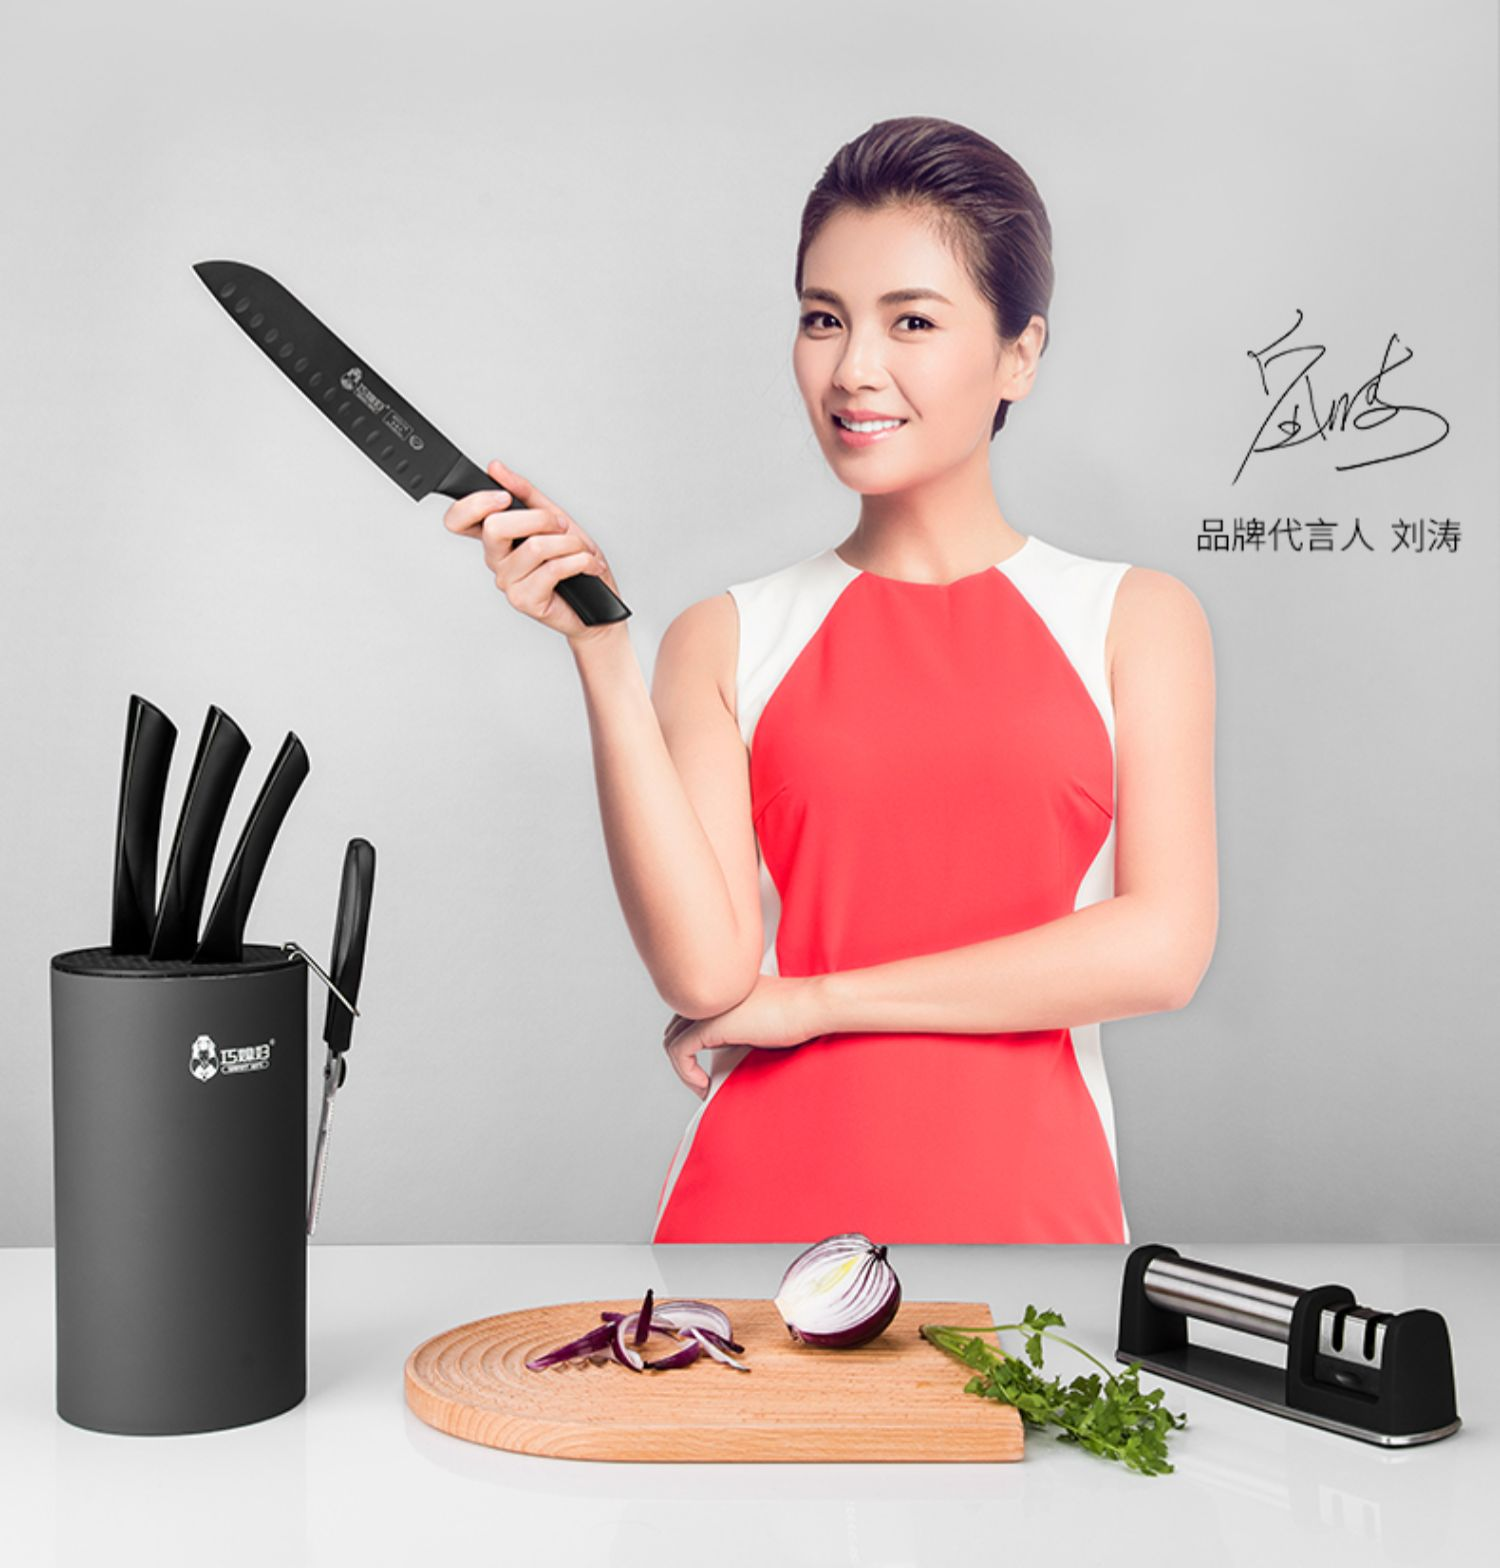 【巧媳妇】厨房不锈钢菜刀送多功能刨 2